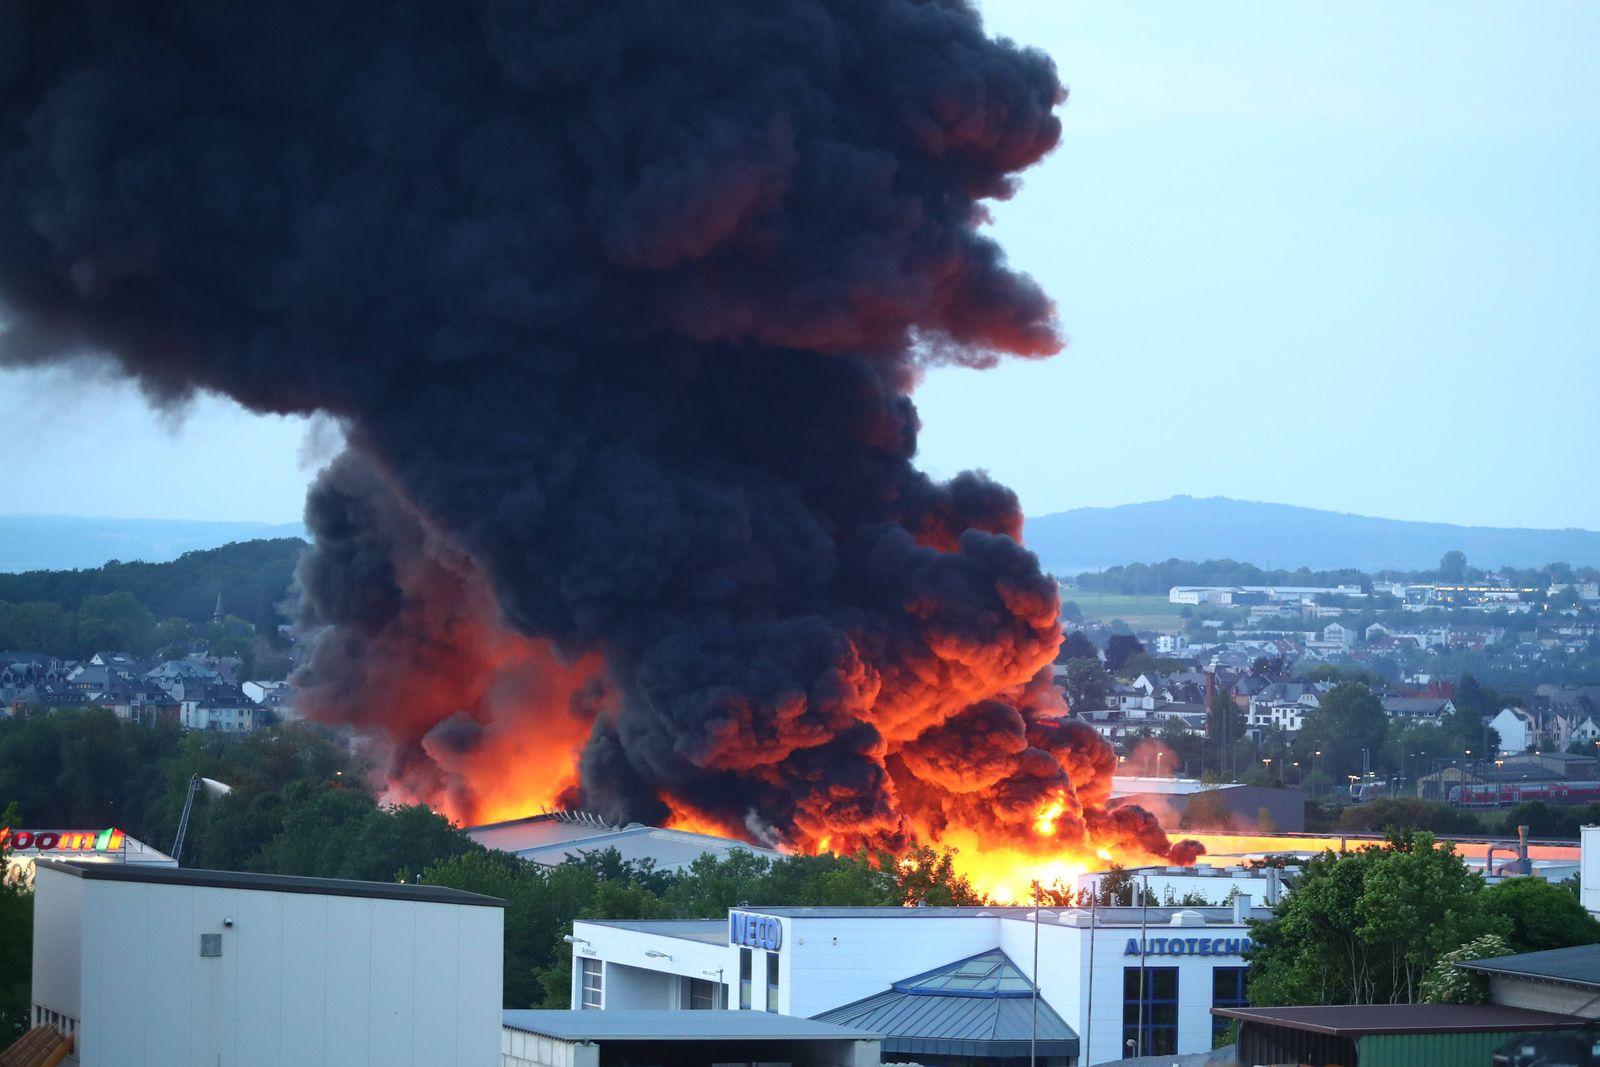 Diez Grossbrand einer Paperfabrik in Diez Grossbrand einer Papierfabrik in Diez *** Diez Large fire at a paper factory